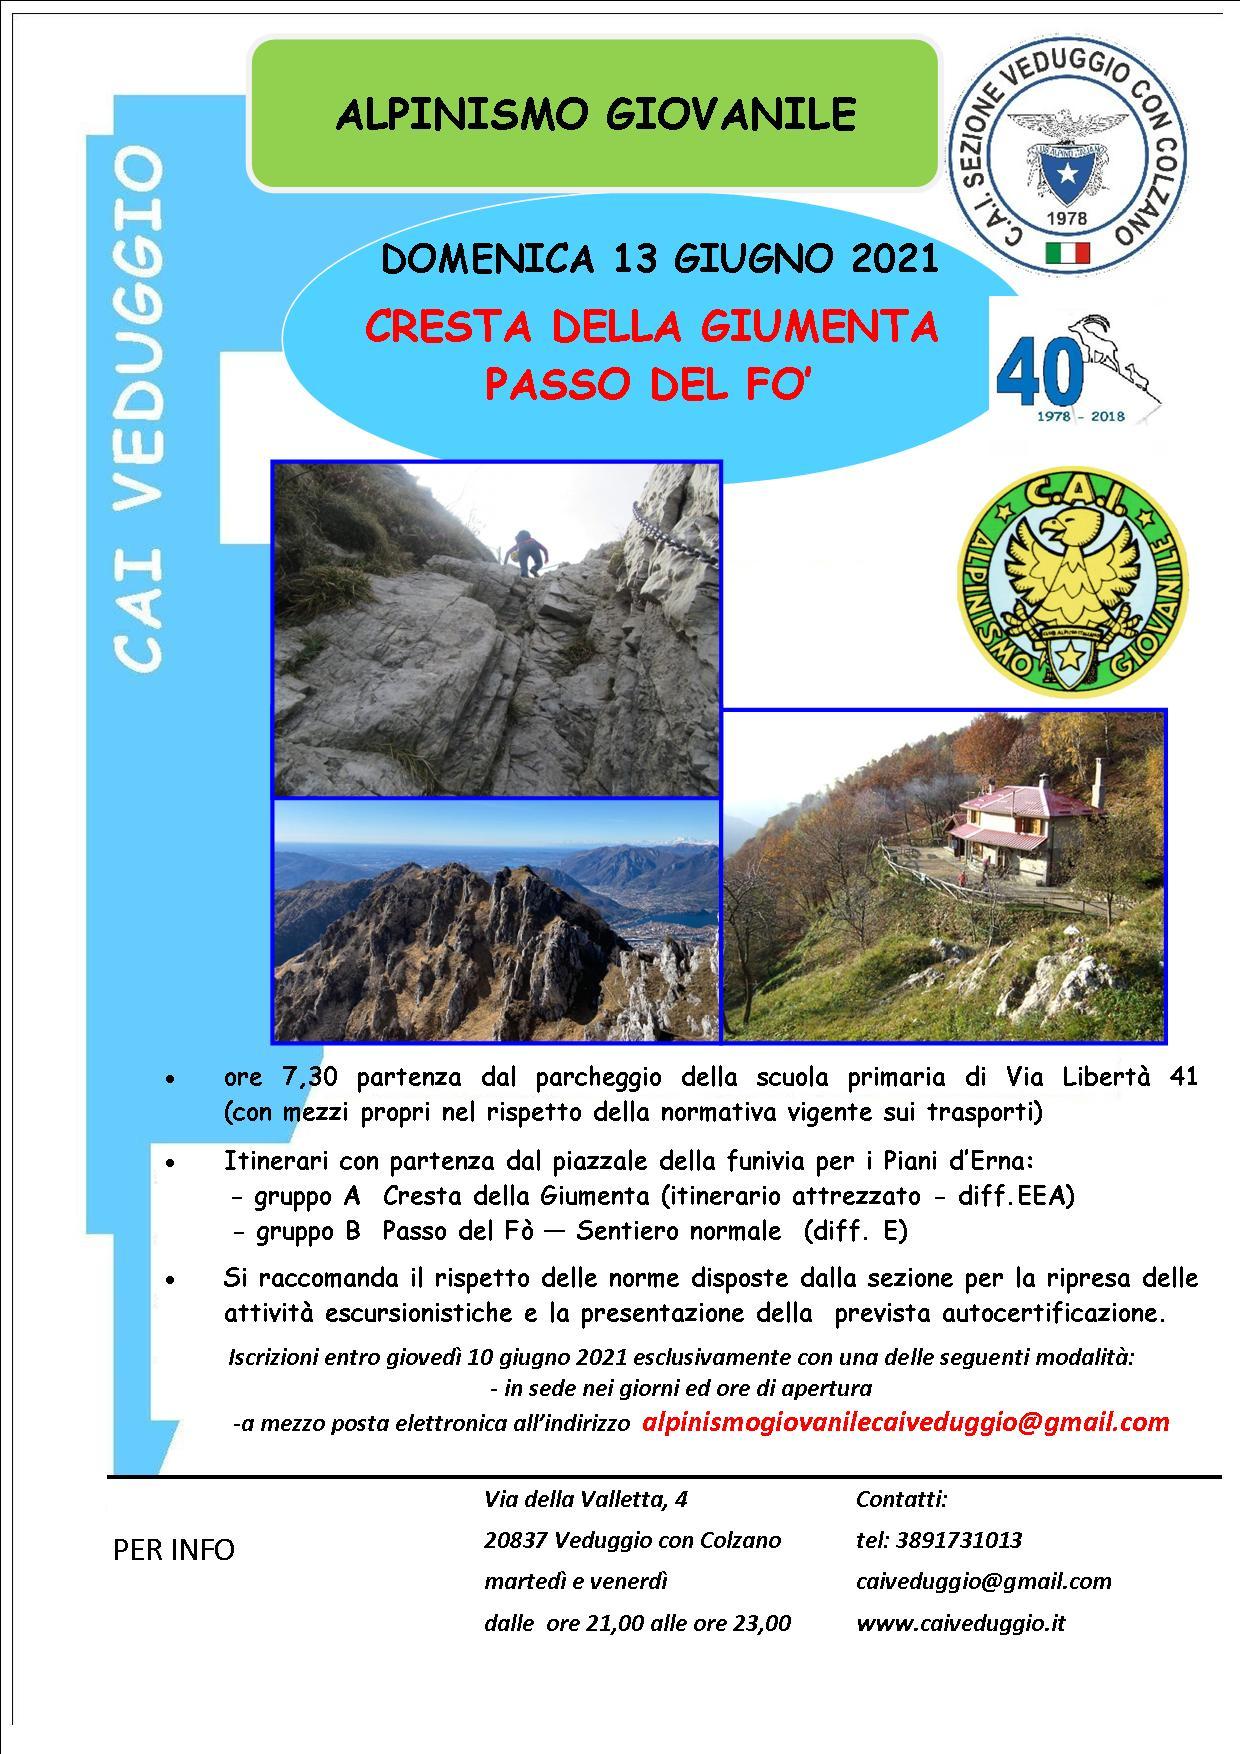 Domenica 13 giugno 2021 – Cresta della Giumenta – Passo del Fò – Alpinismo Giovanile